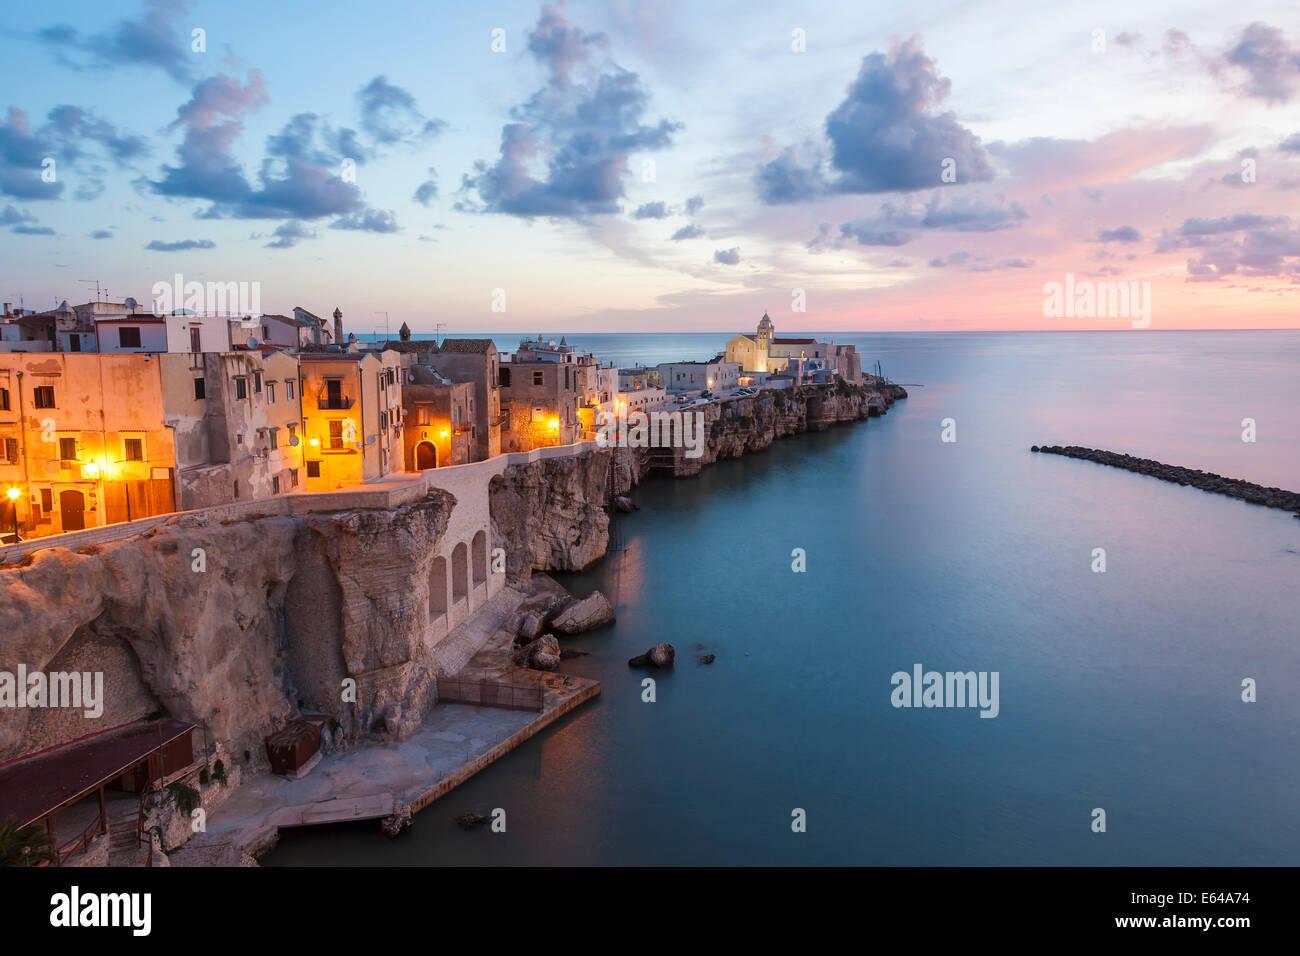 La ciudad con la iglesia de San Francesco, Vieste, Gargano, distrito de Foggia, Puglia, Puglia, Italia Imagen De Stock